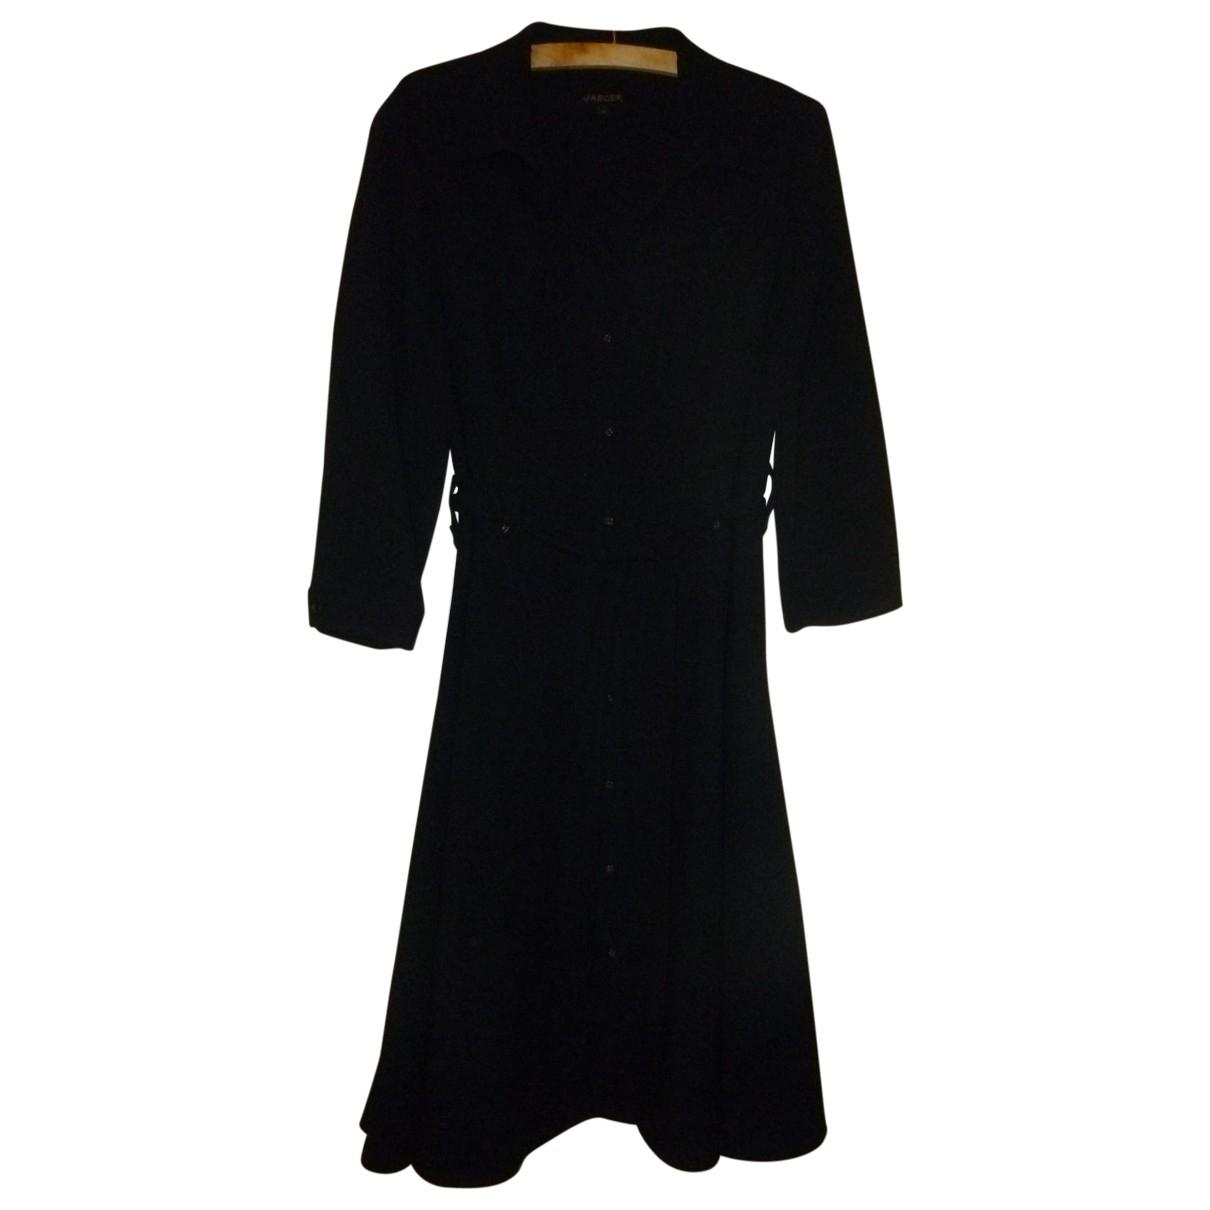 Jaeger \N Black dress for Women 14 UK